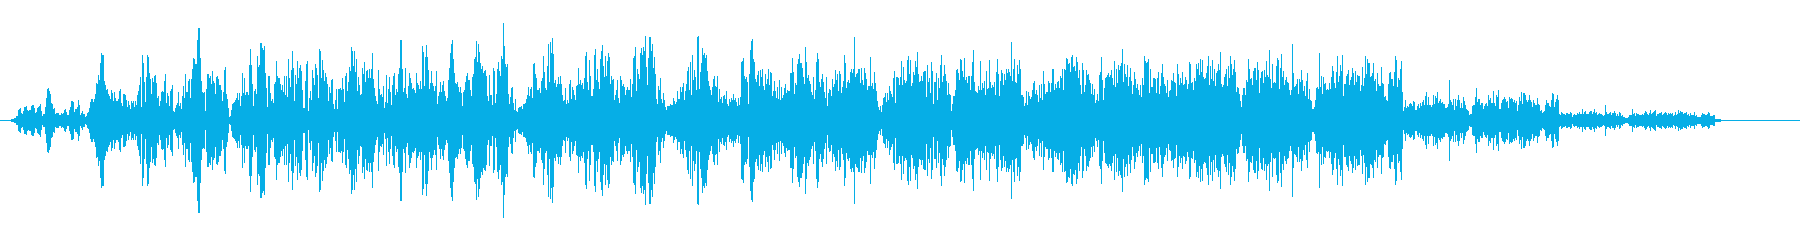 シャララ系アップ(上がって行く)の再生済みの波形